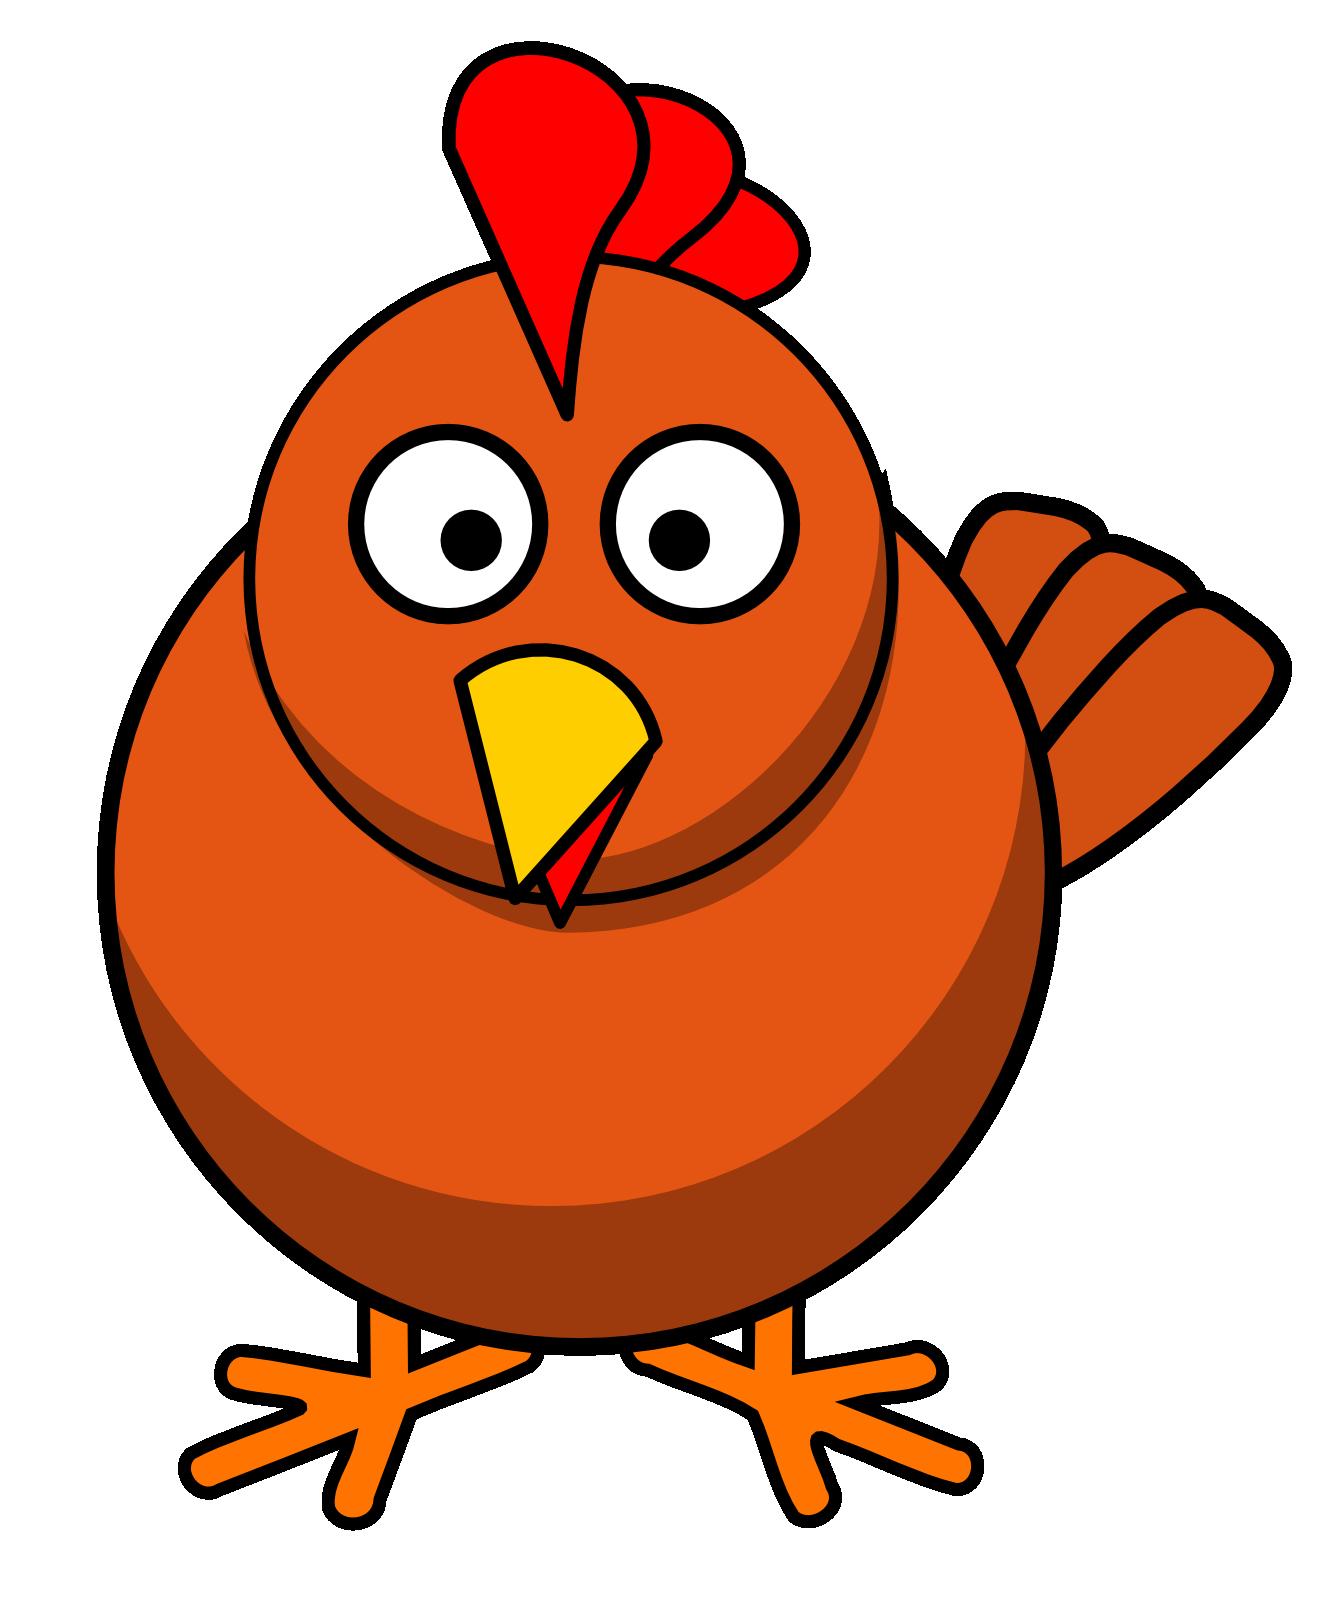 Chicken Clipart, Cute Chicken-Chicken clipart, Cute chicken-8